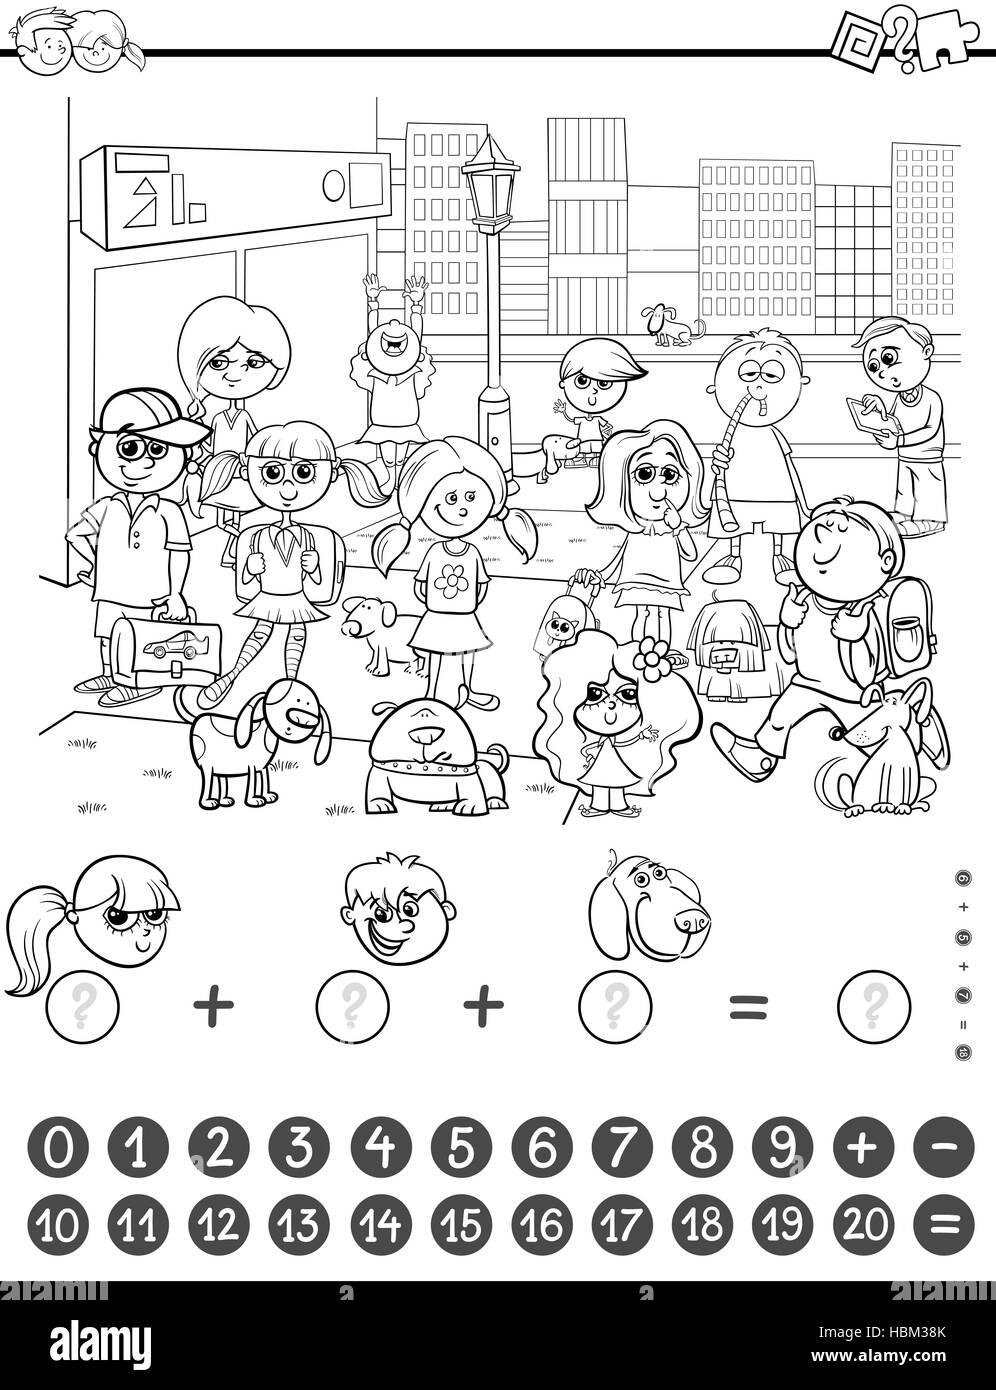 Libro Para Colorear Juego De Matemáticas Foto Imagen De Stock